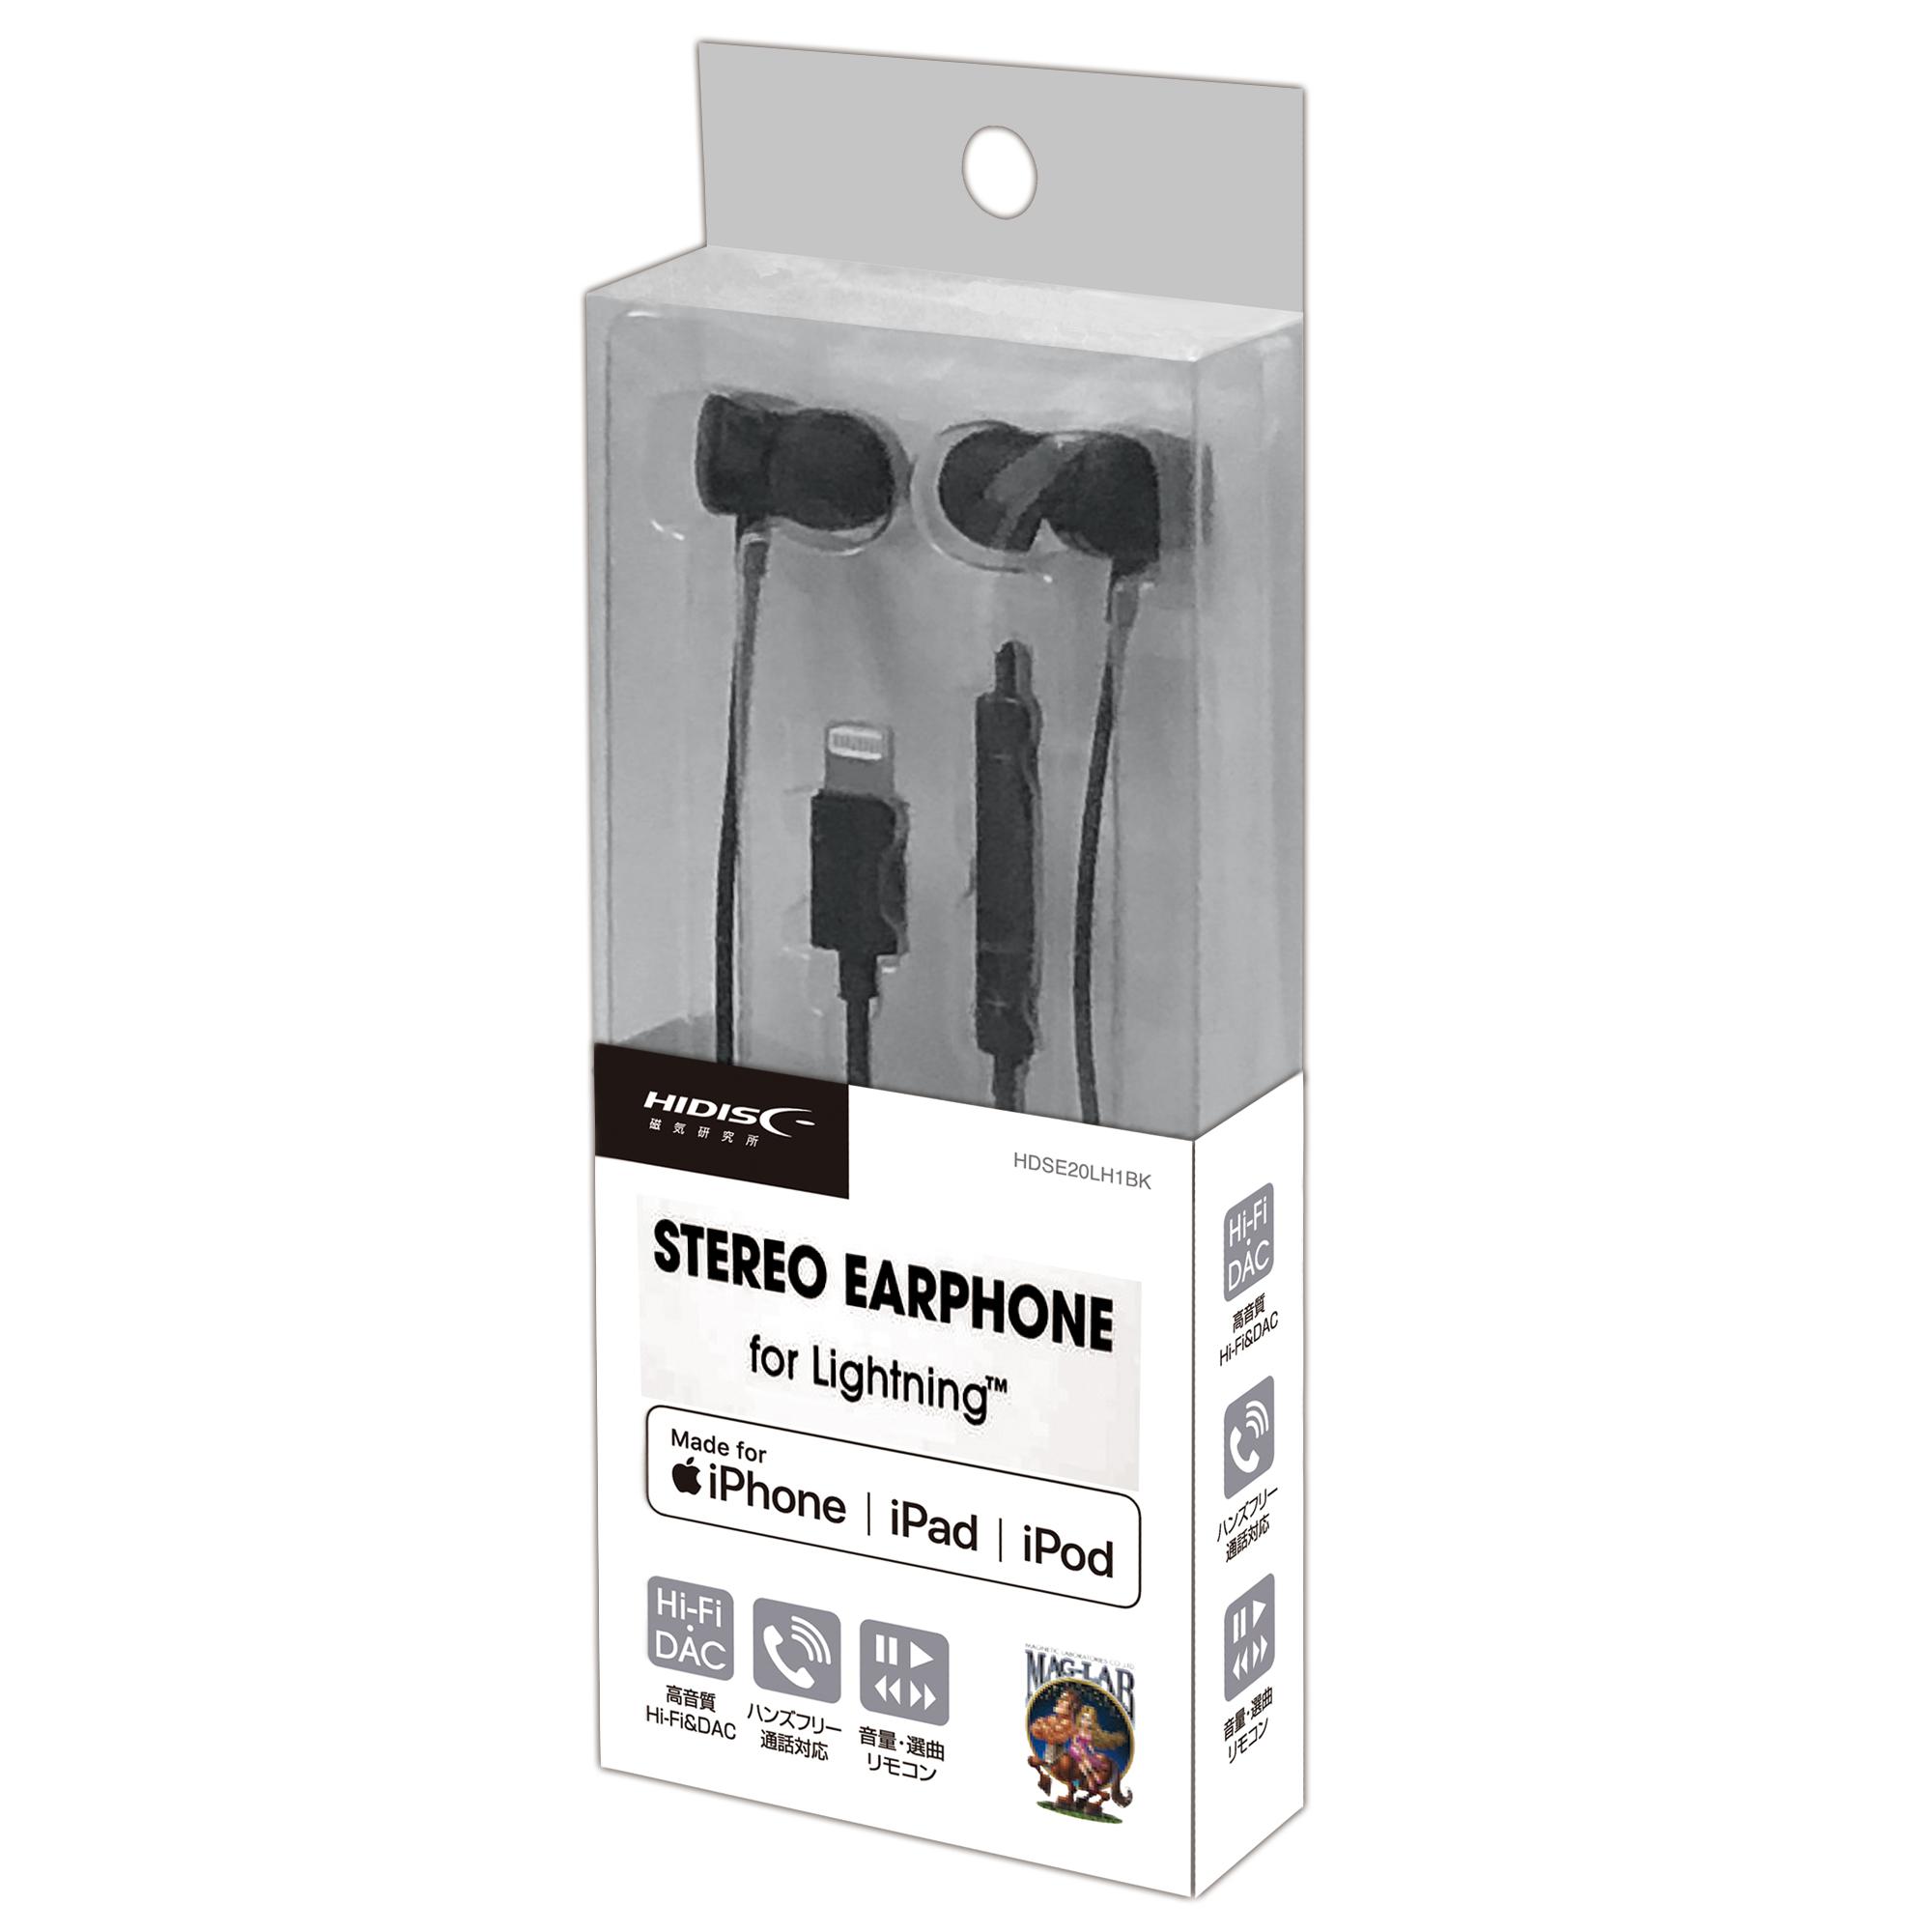 HIDISC STREOイヤフォン for Lightning HDSE20LH1BK